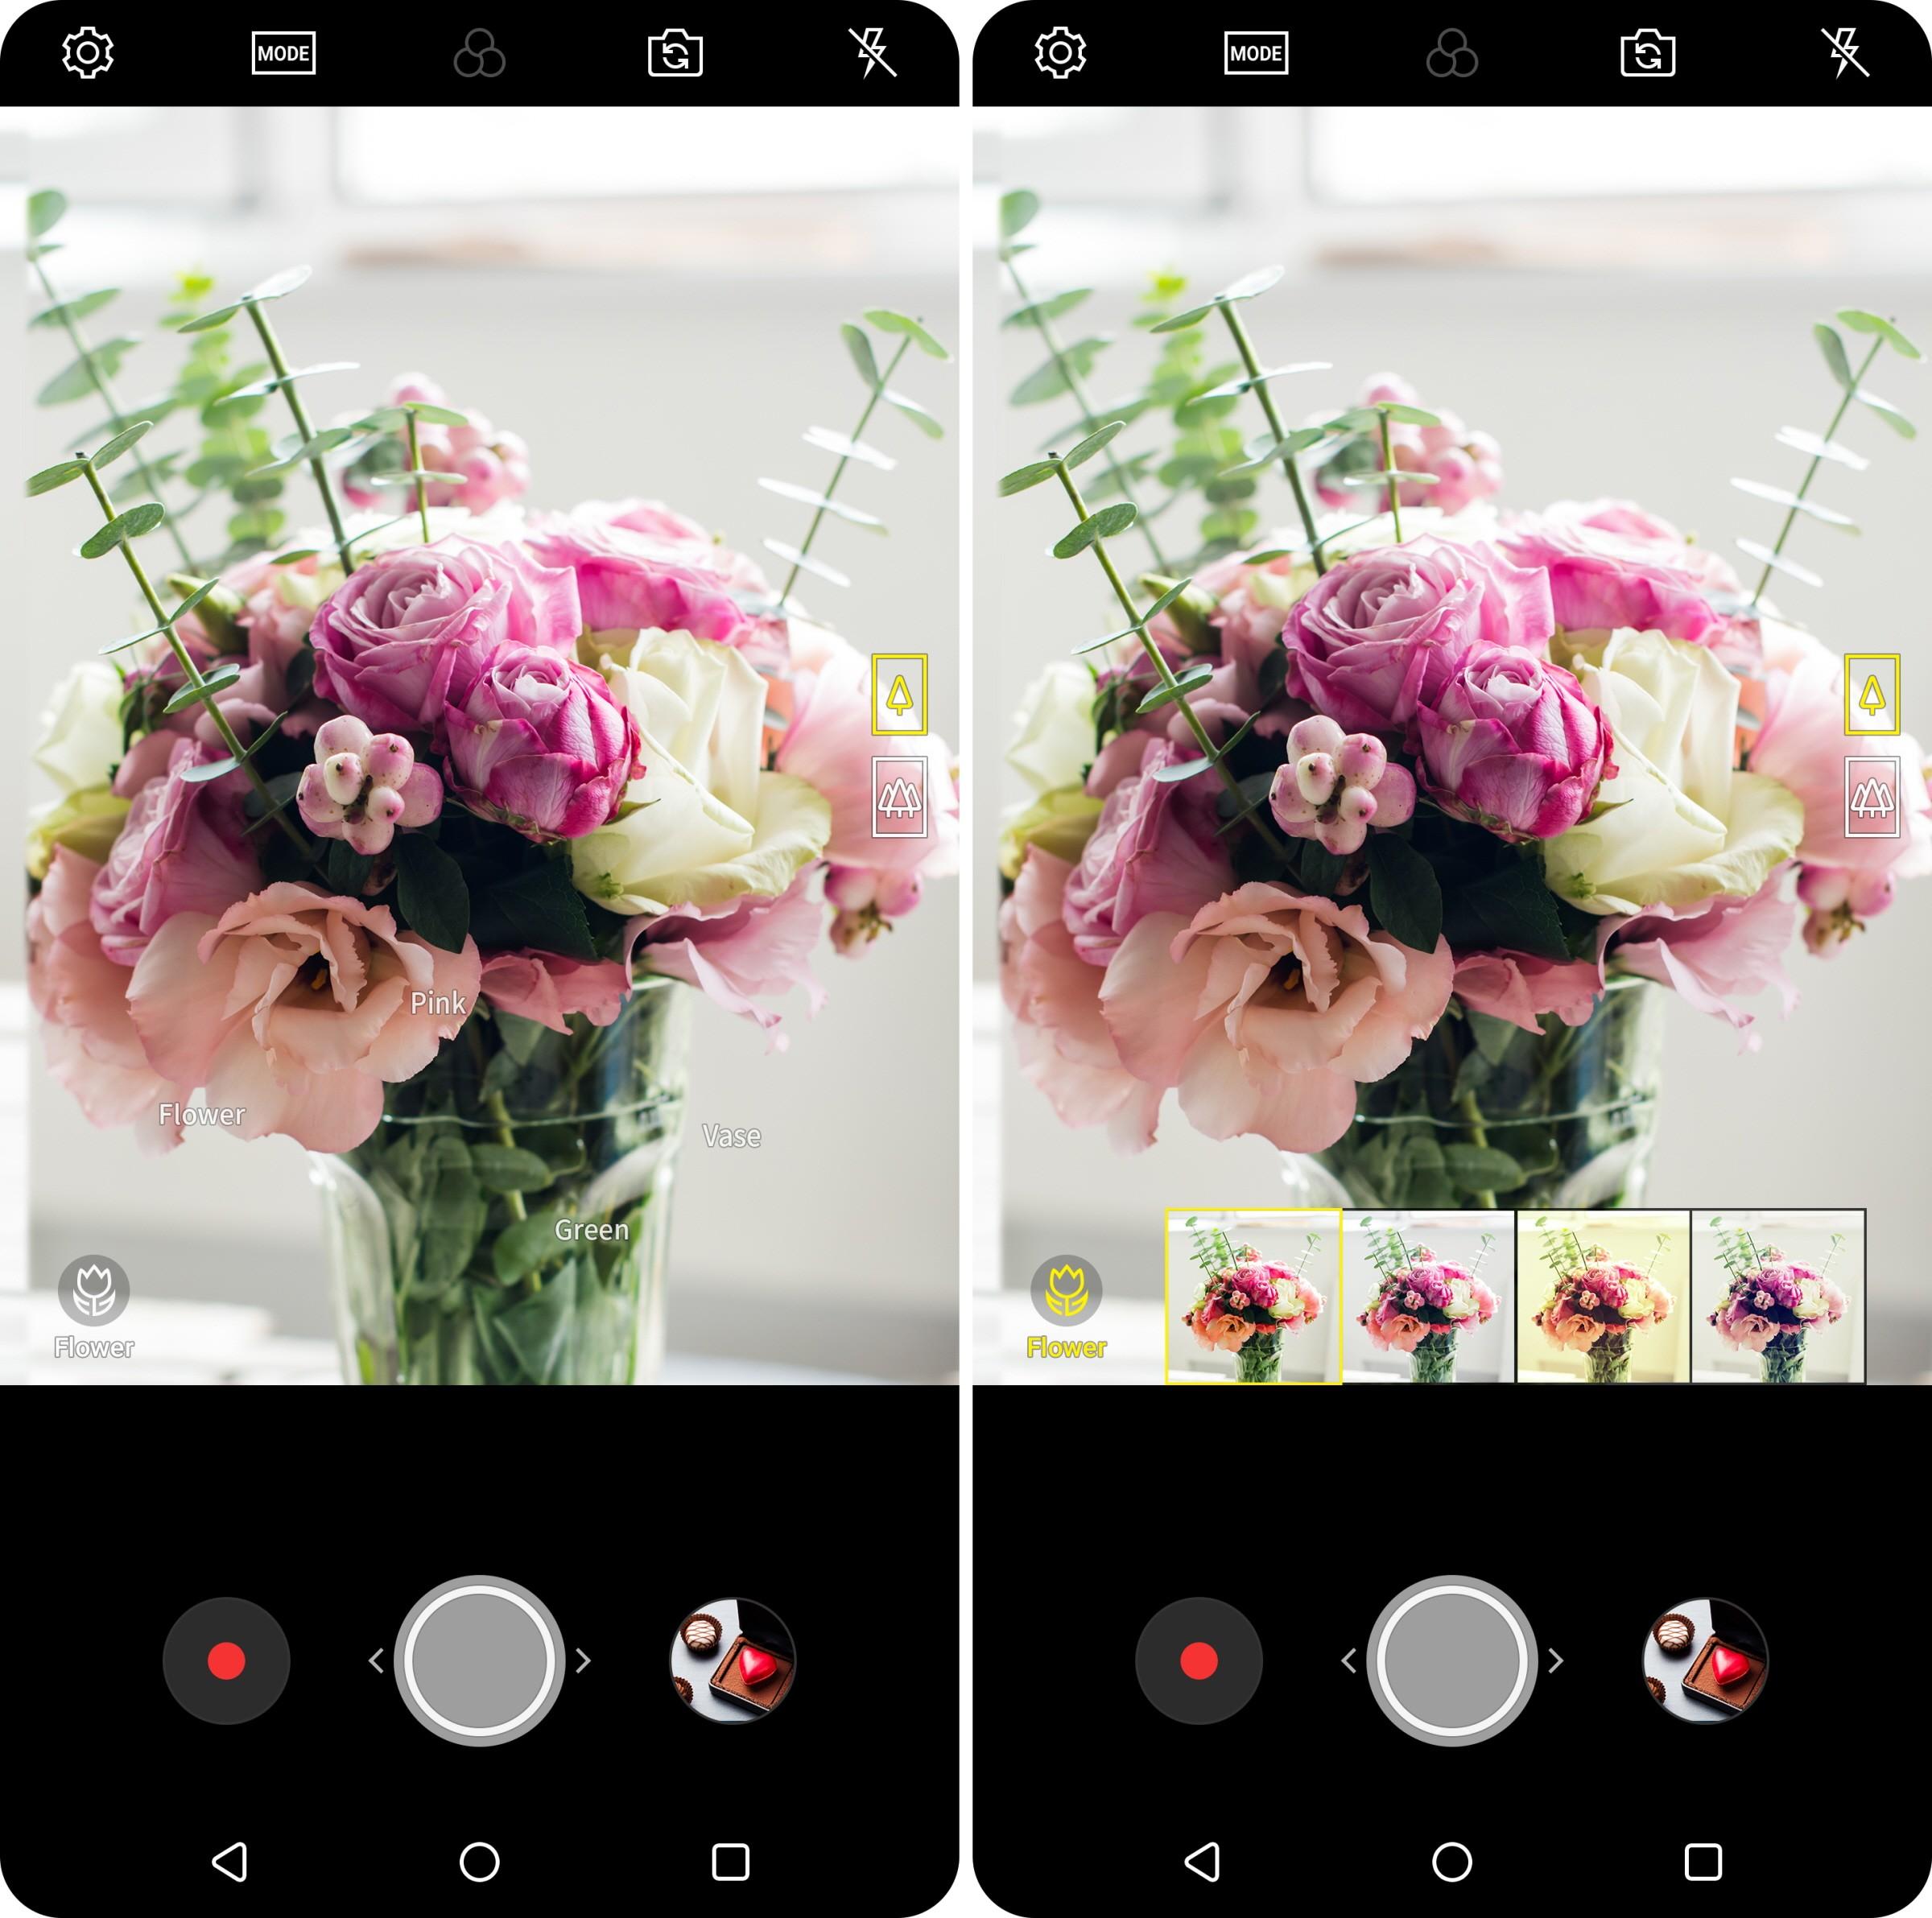 El nuevo celular de LG incluirá inteligencia artificial